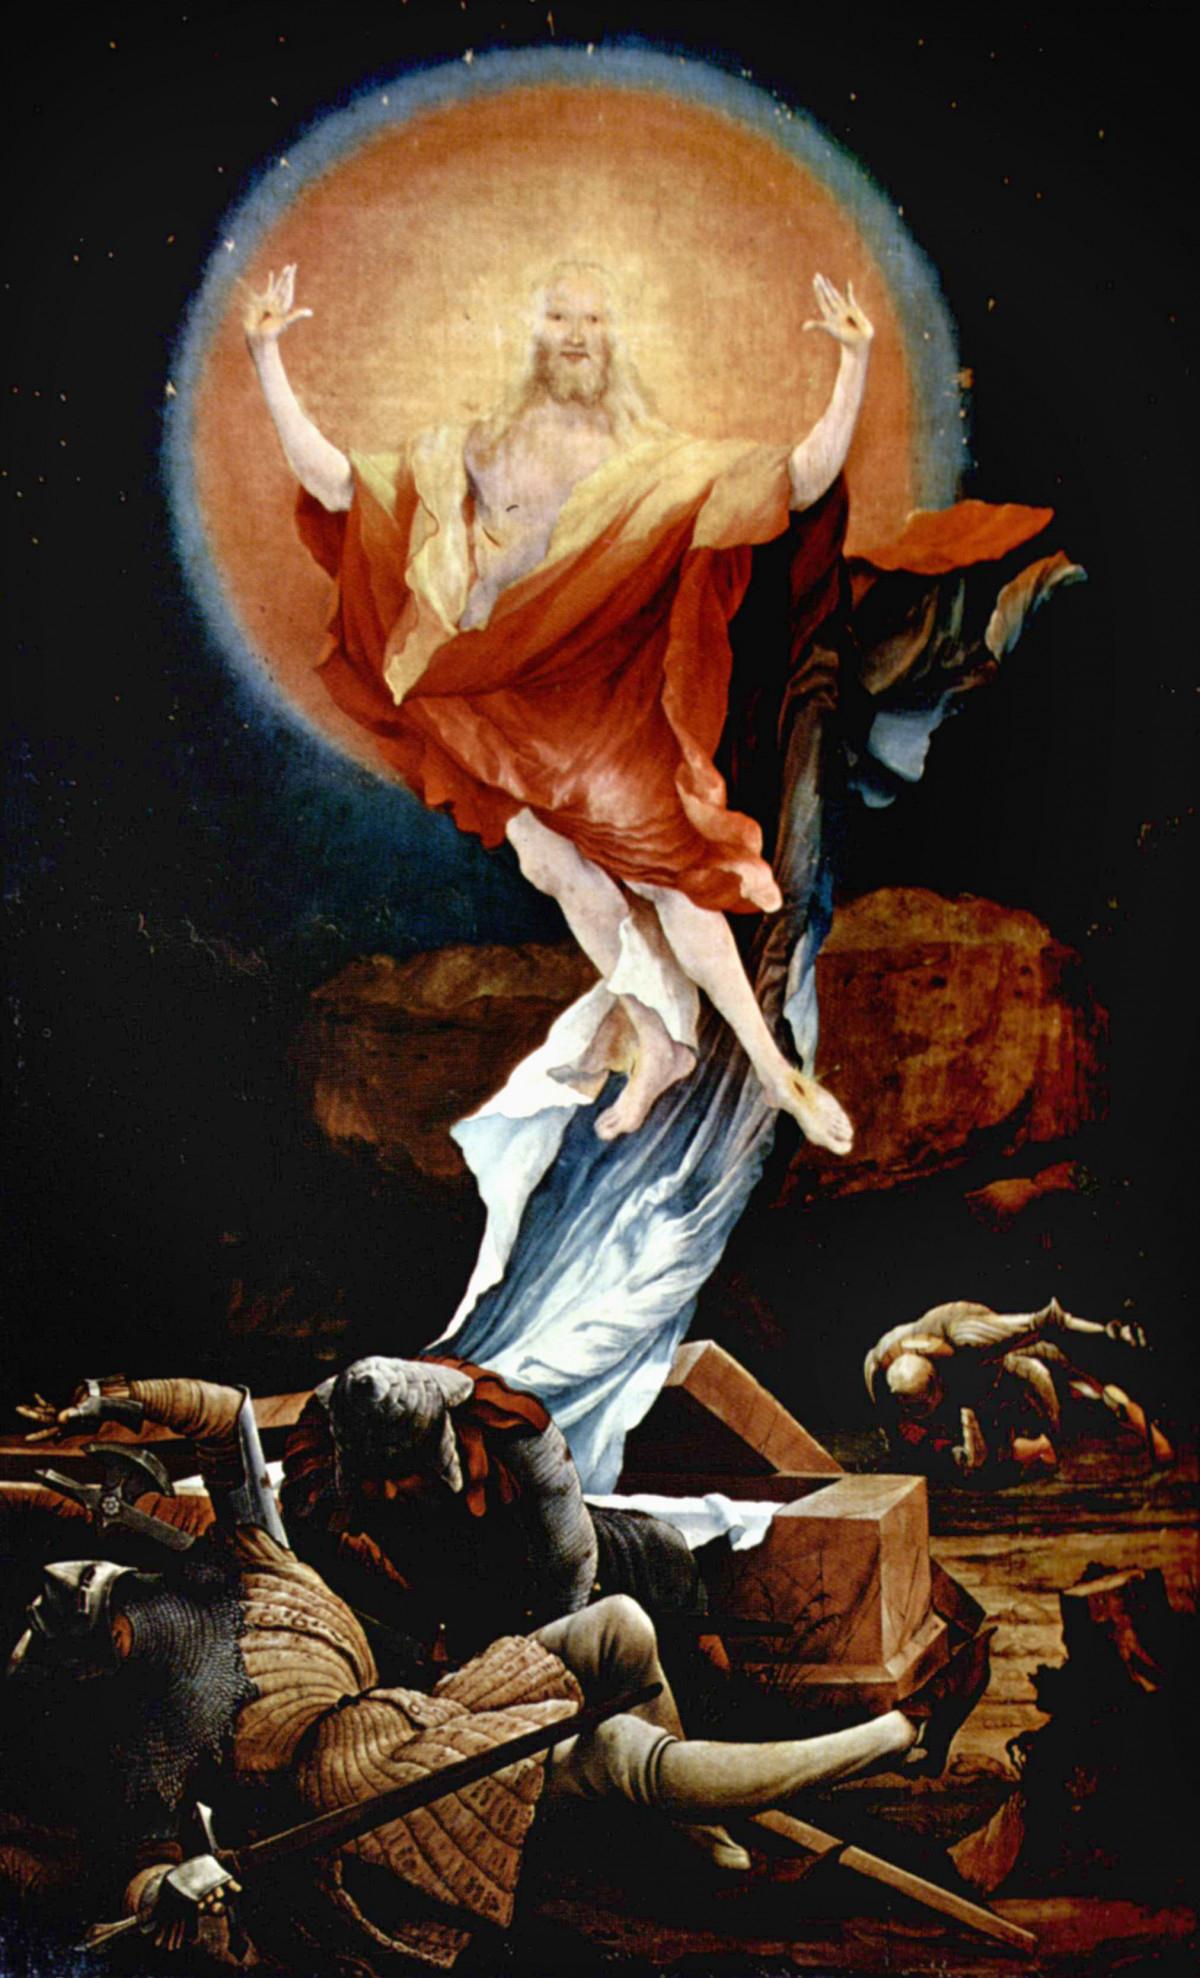 Jésus lune drapé rouge blanc roche